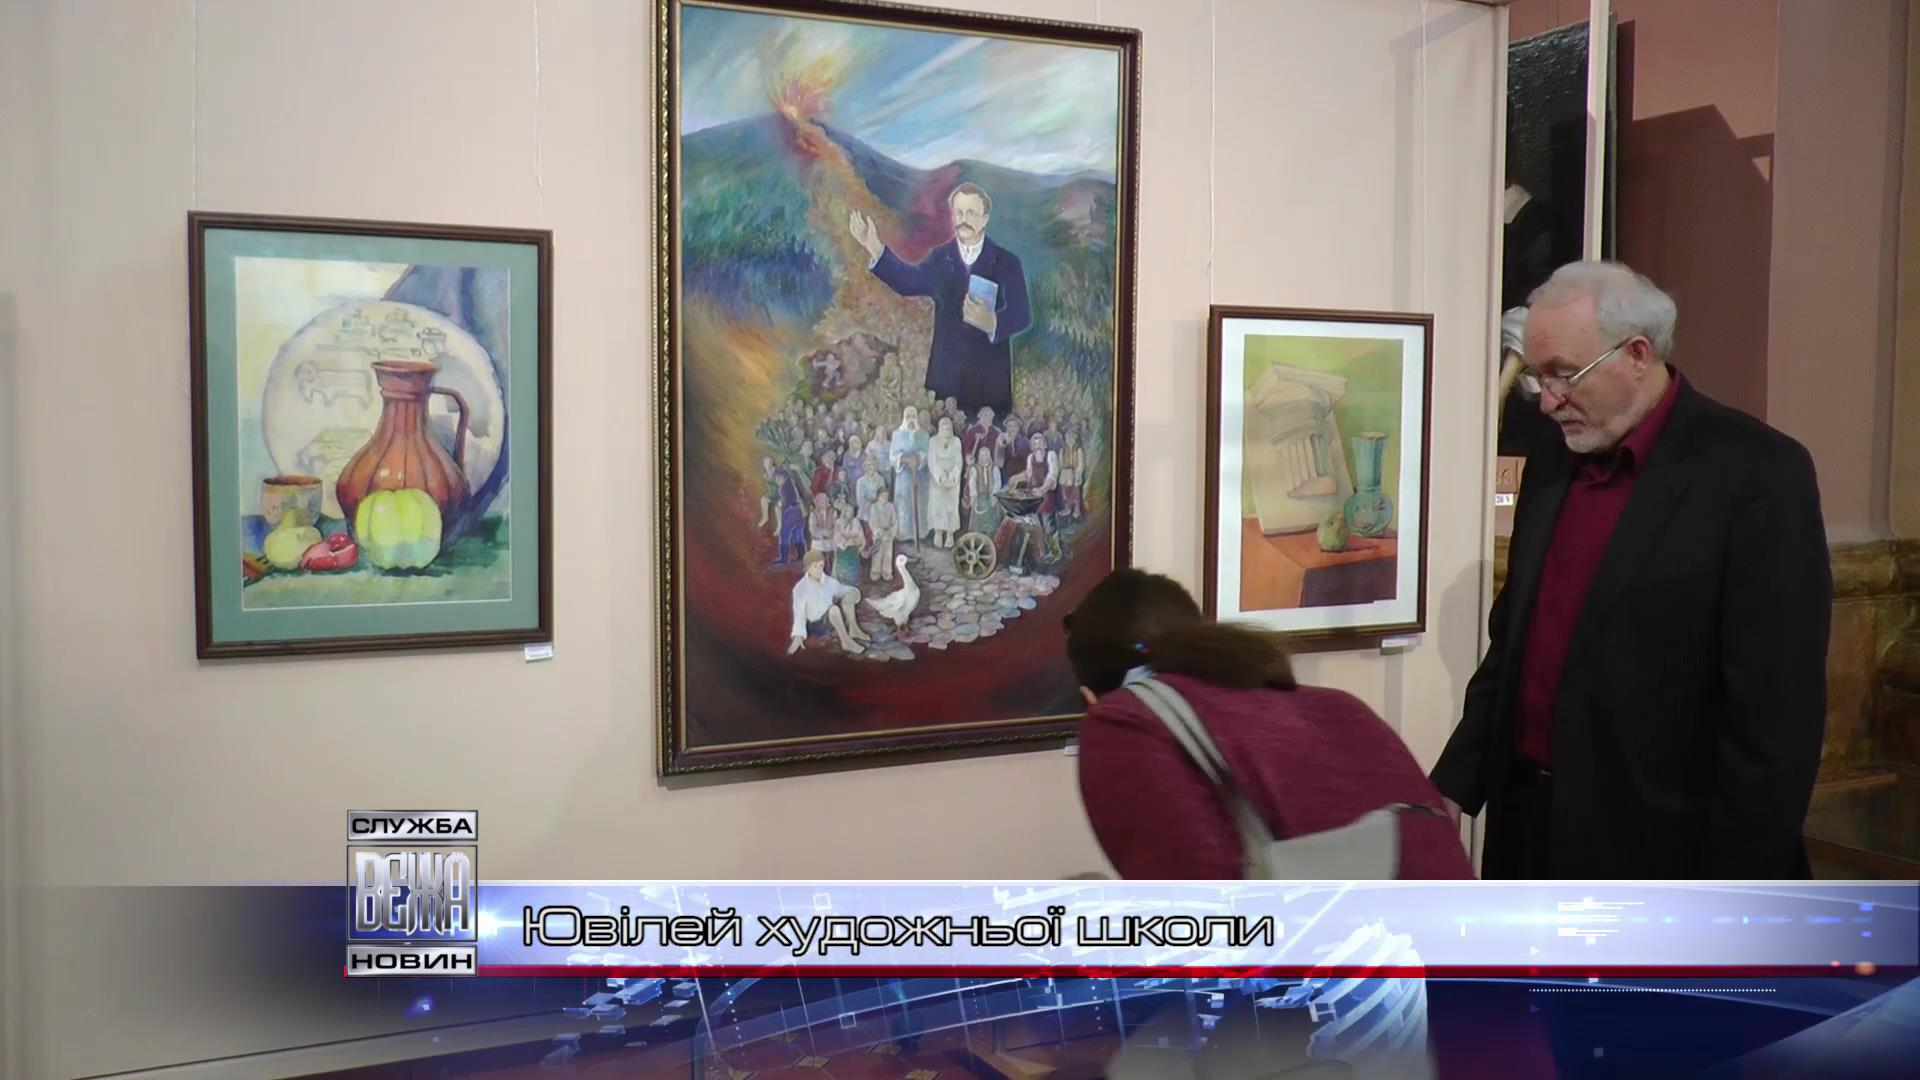 В Івано-Франківську відкрили виставку з нагоди ювілею дитячої художньої школи[19-39-40]